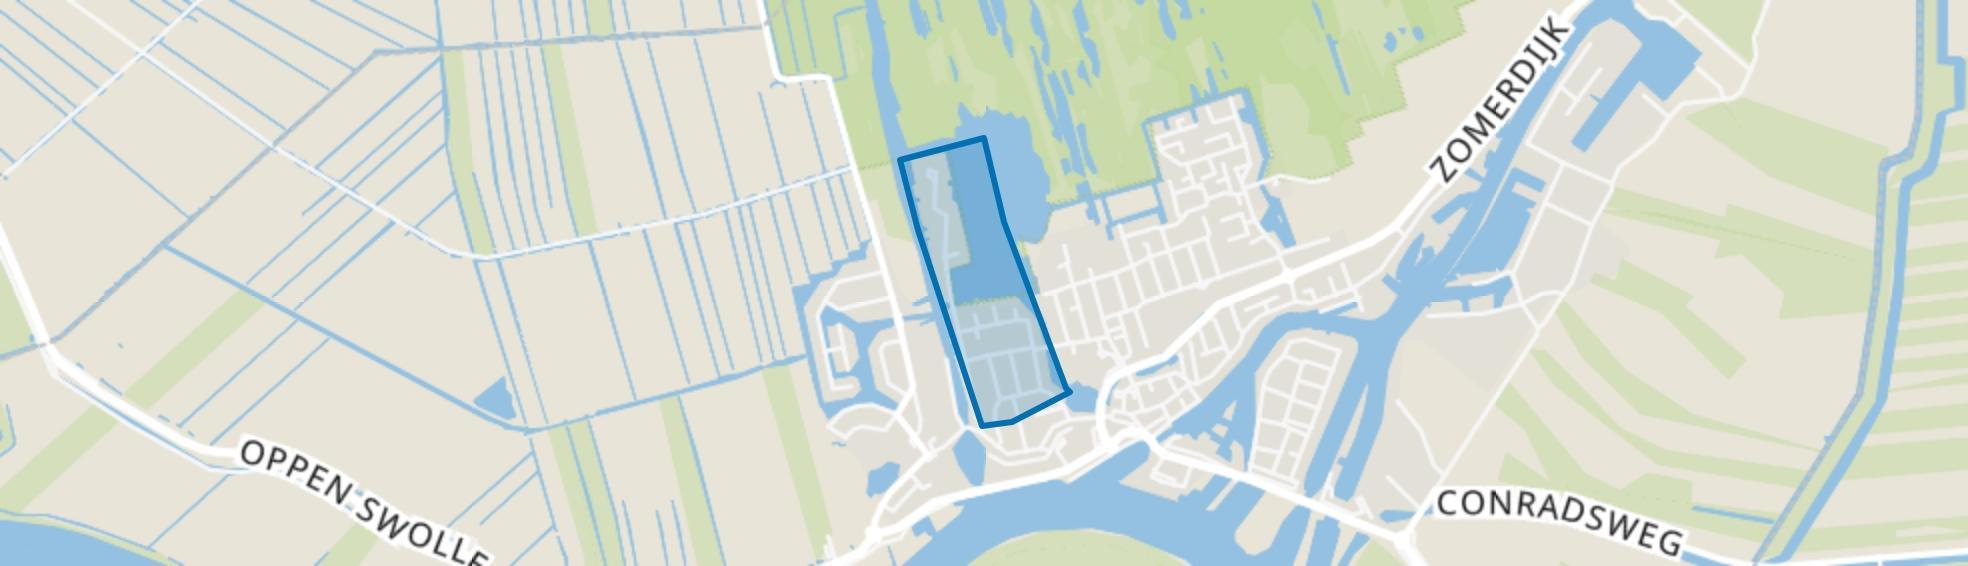 Prinsessenbuurt, Zwartsluis map